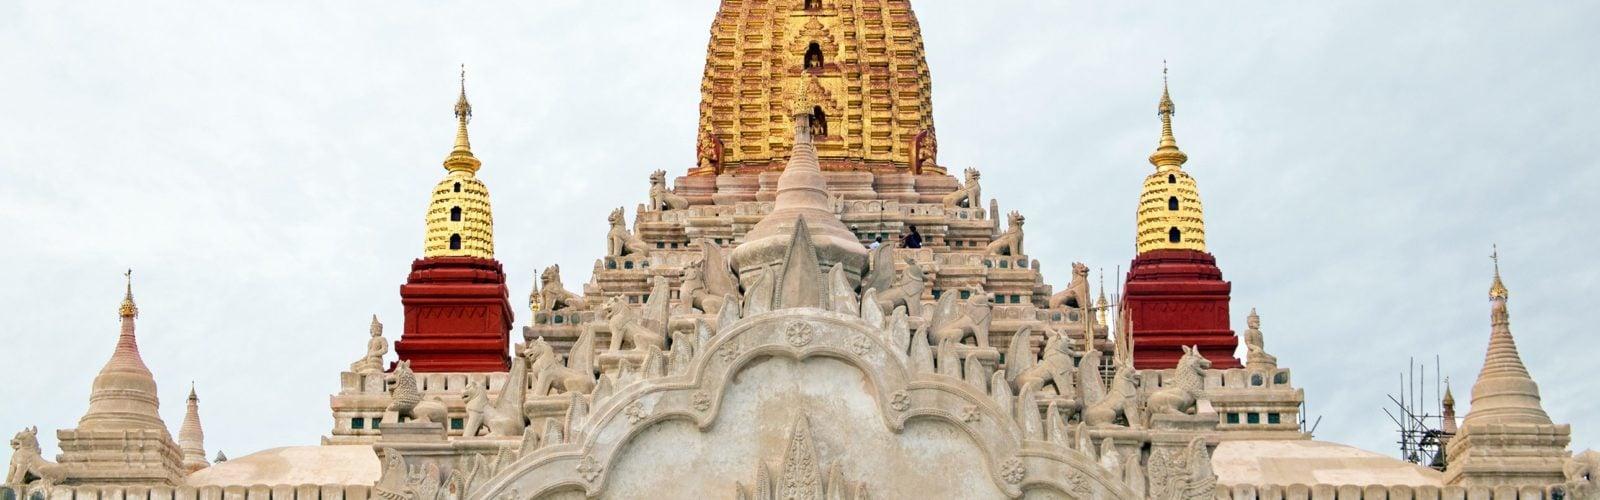 bagan-ananda-pagoda